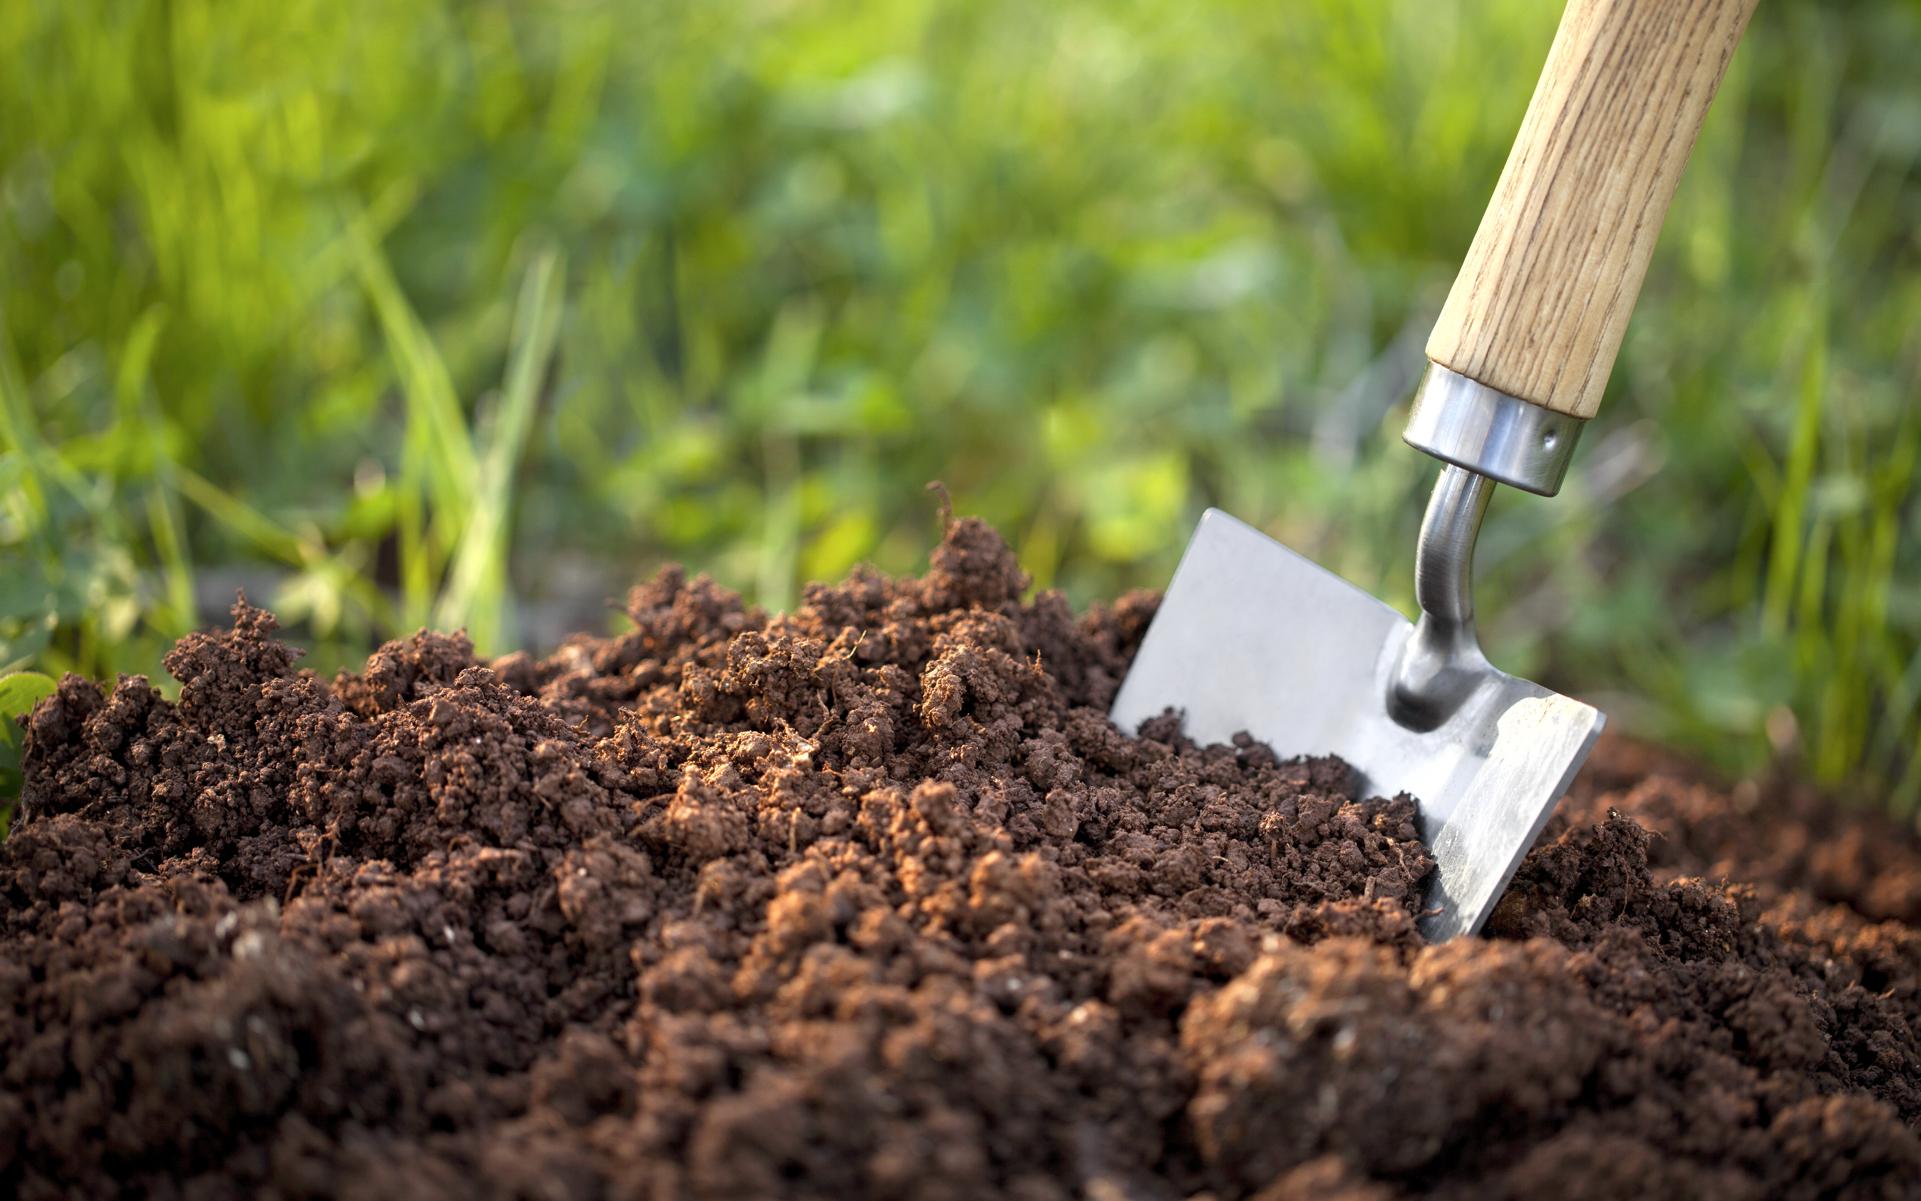 soil is best growing media for plants